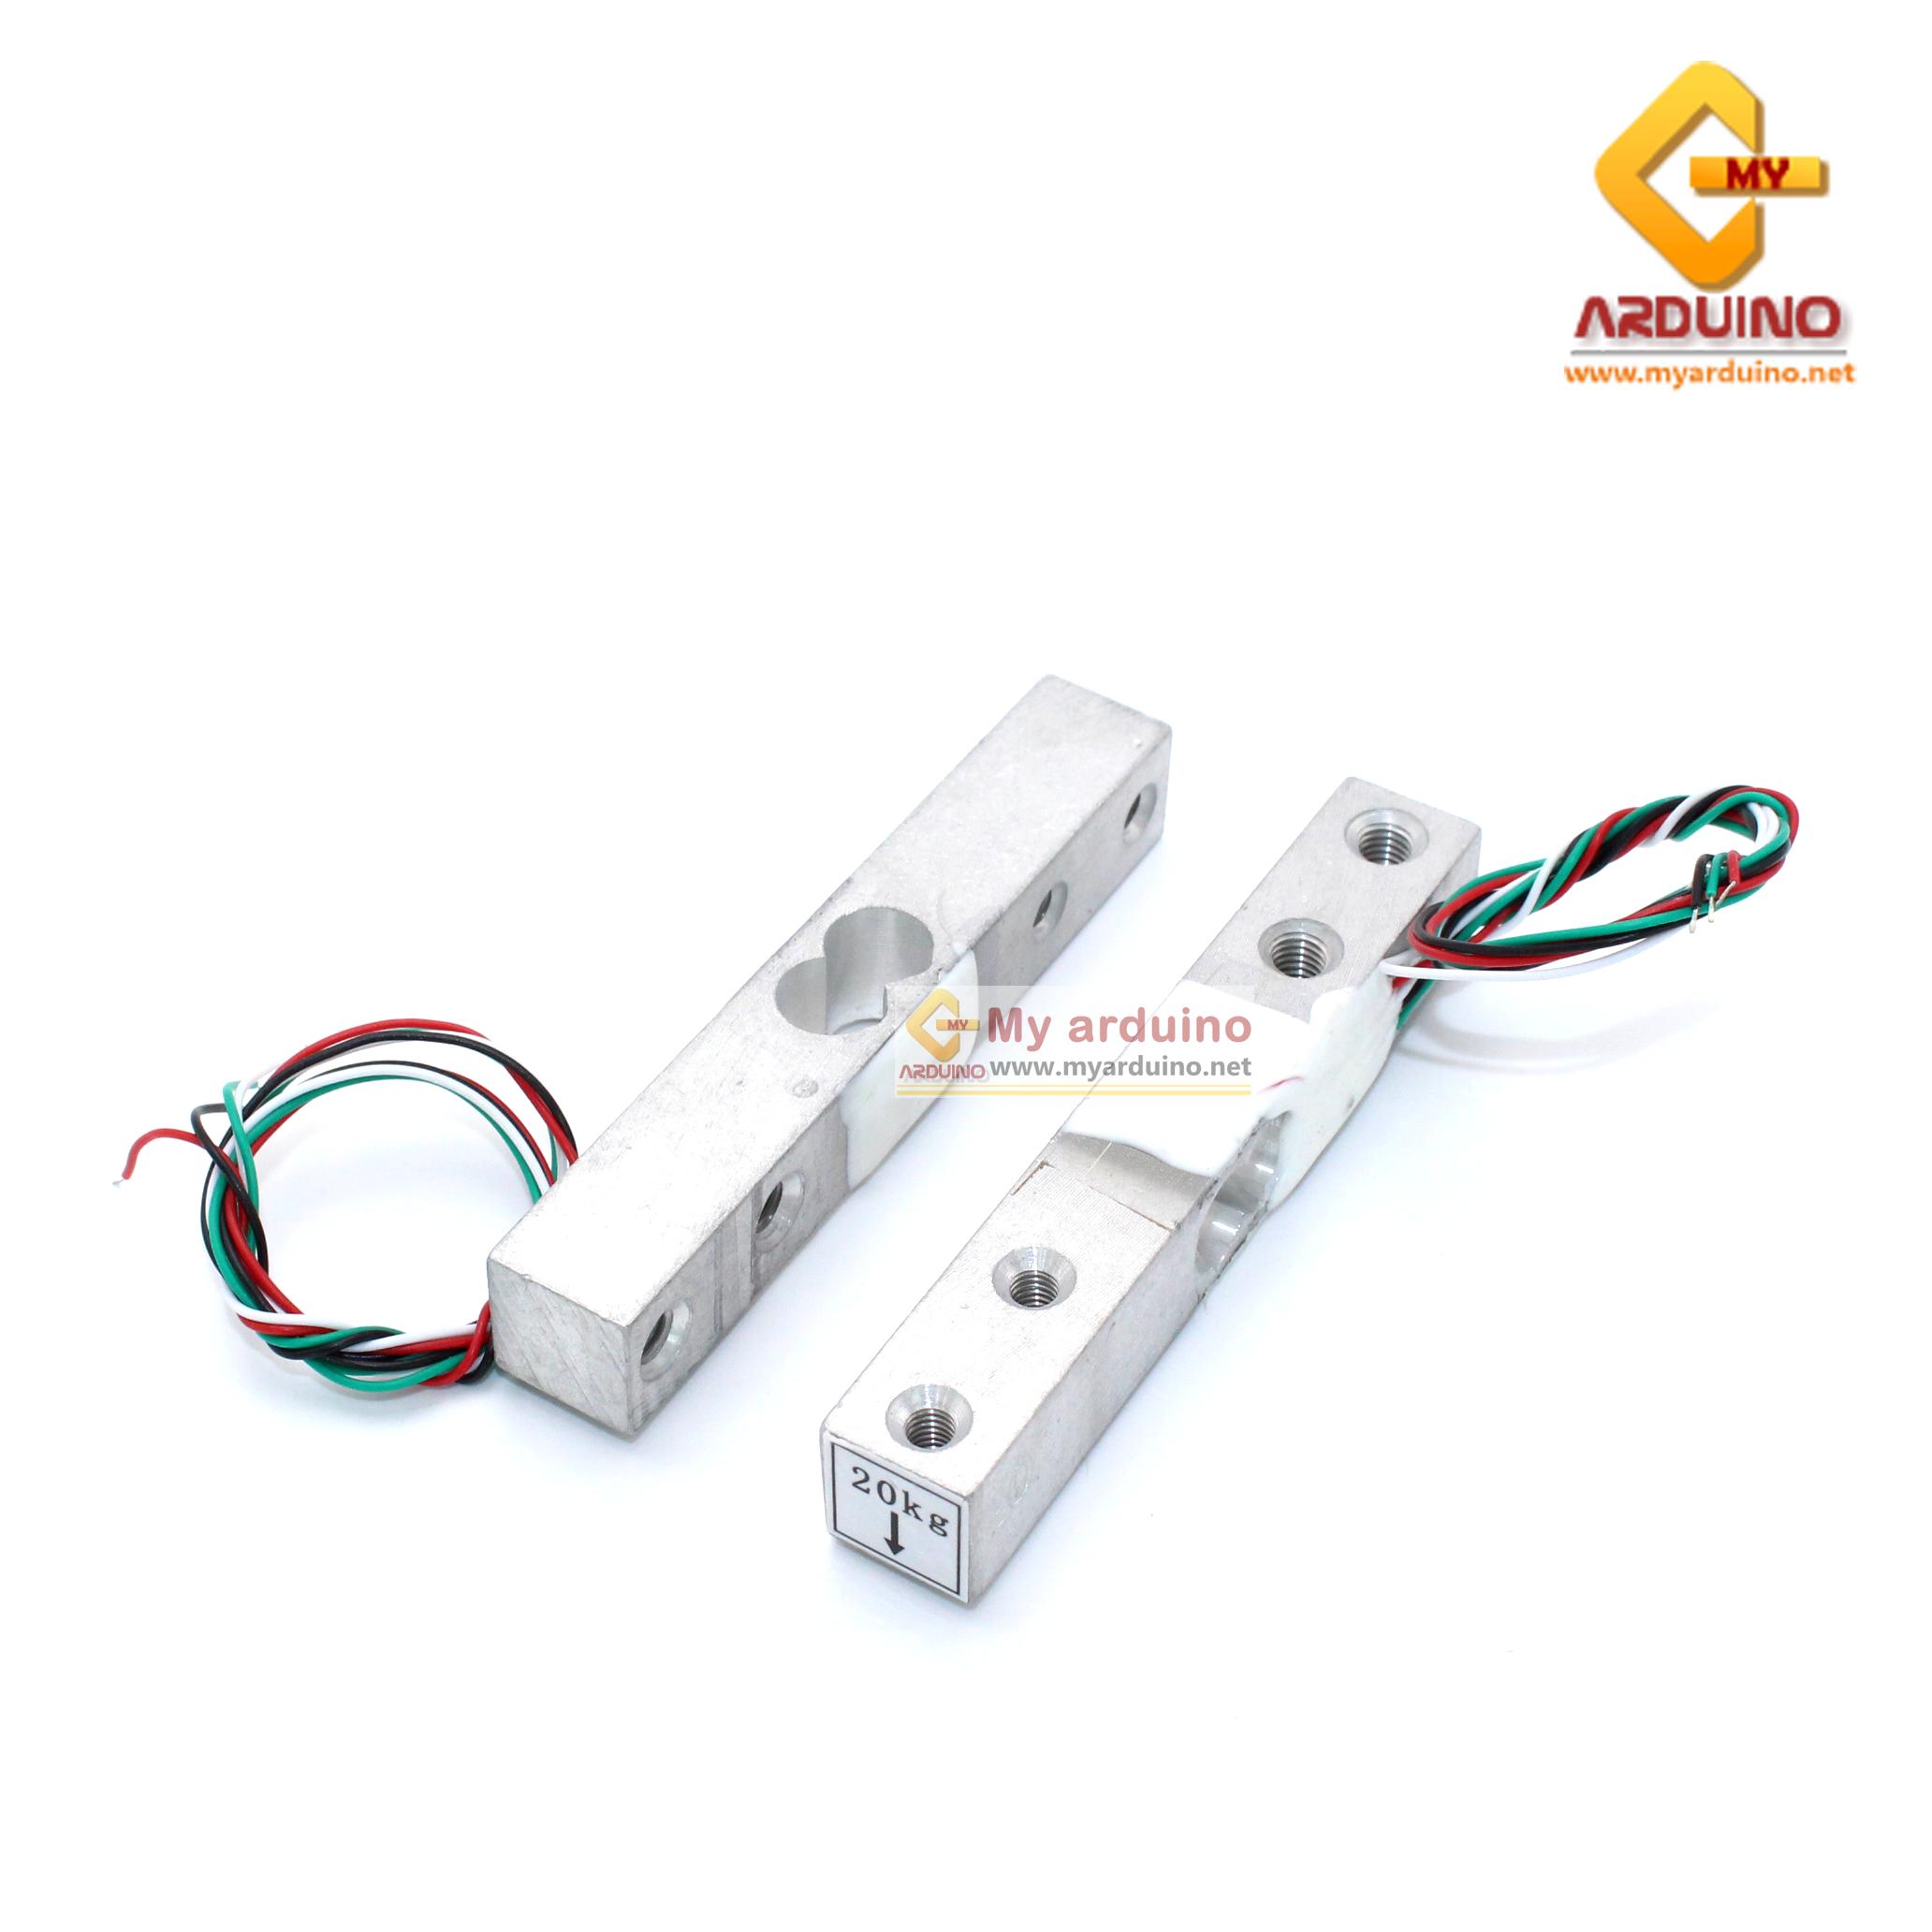 Load Cell Weight Sensor 20 Kg เซนเซอร์วัดน้ำหนัก Load Cell วัดได้สูงสุด 20KG